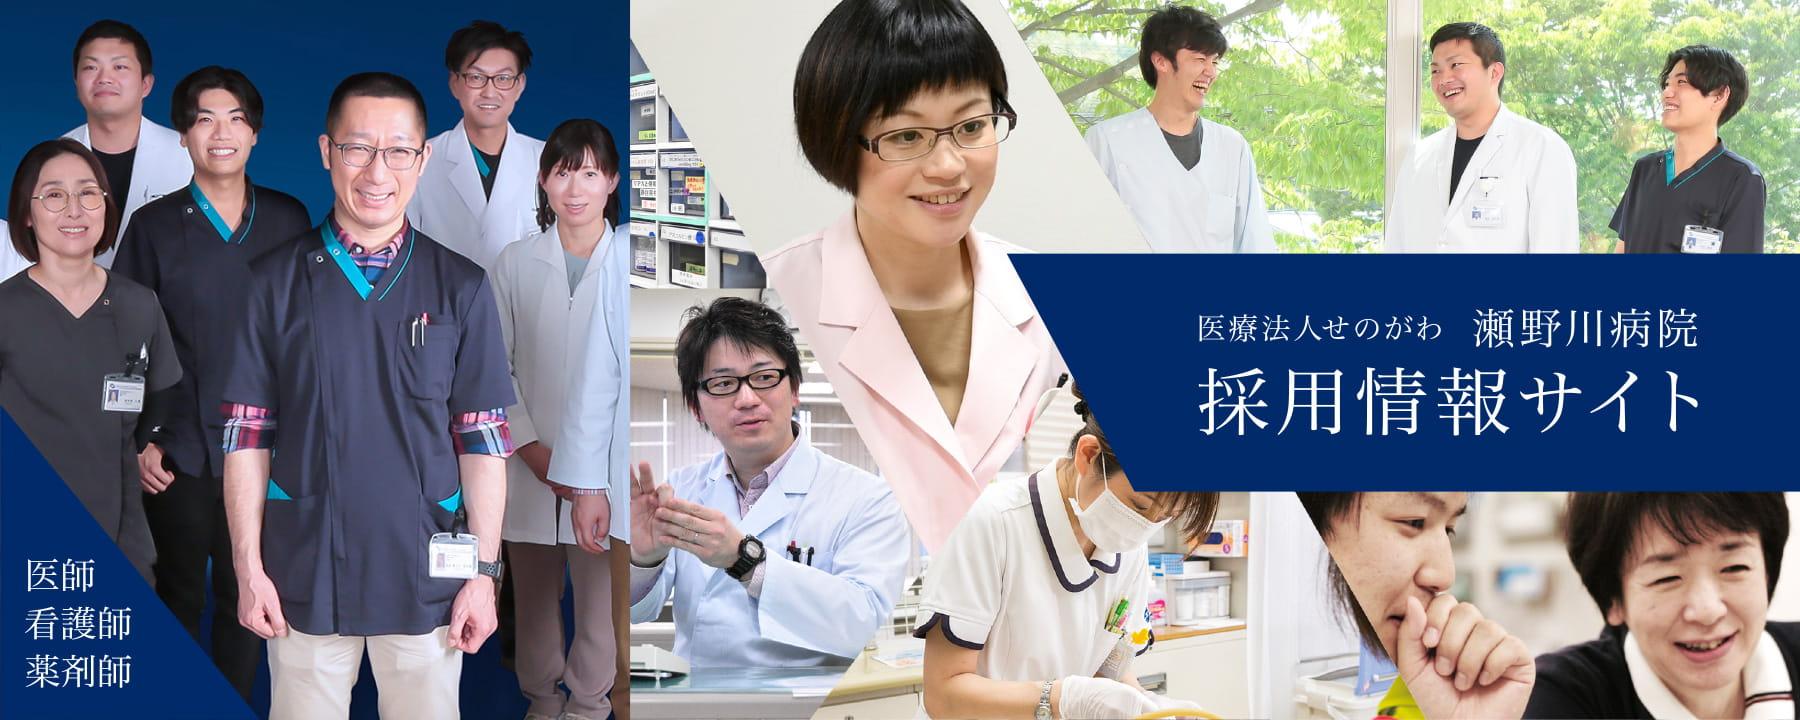 採用サイト|医療法人せのがわ 瀬野川病院